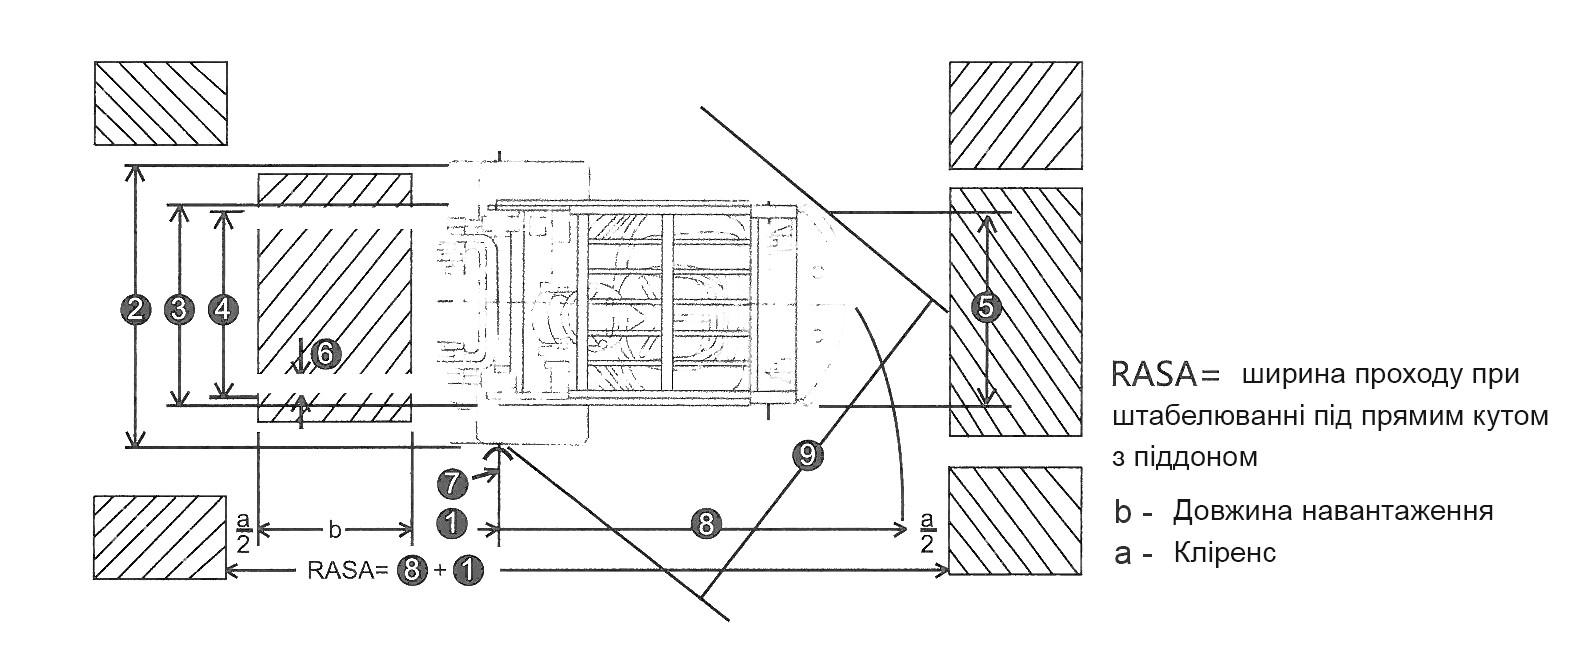 Креслення вилкового навантажувача TEREN FG30T | Чертеж вилочного погрузчика TEREN FG30T